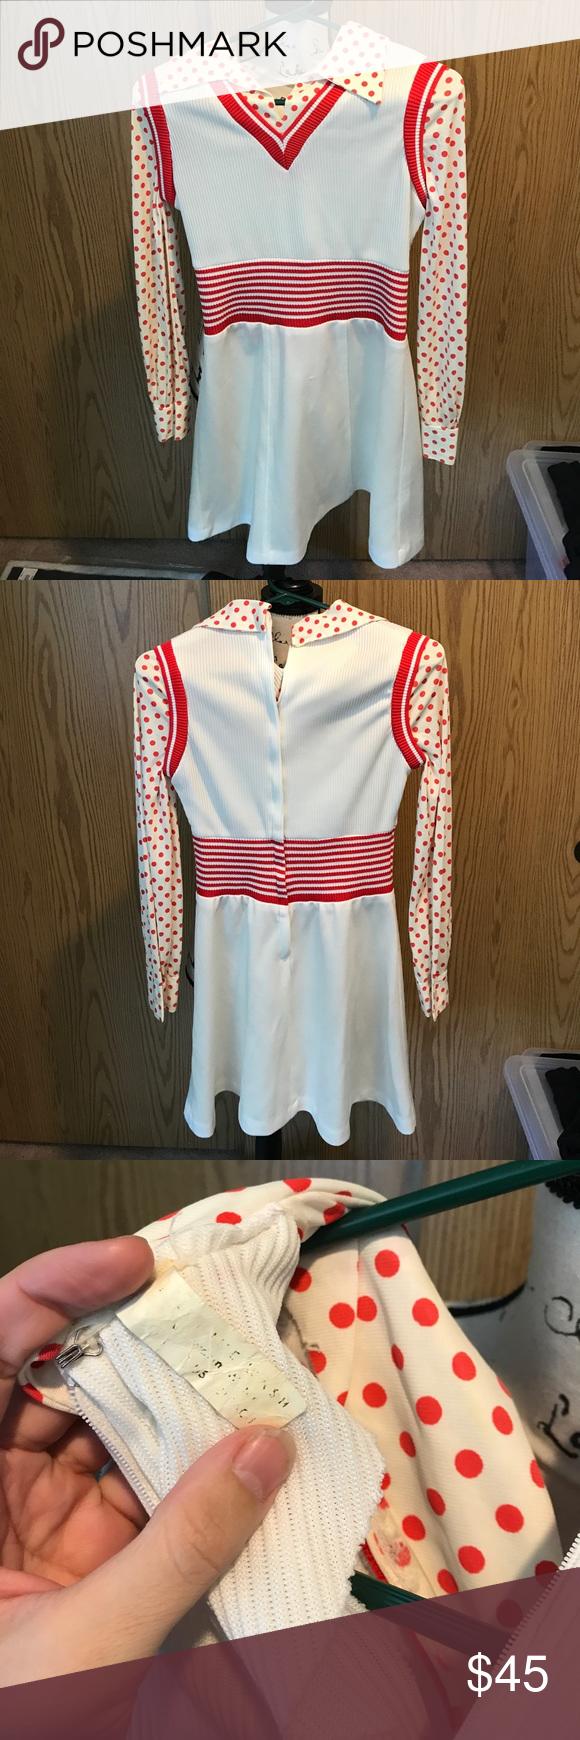 Vintage mod secretary redwhitepolka dots dress